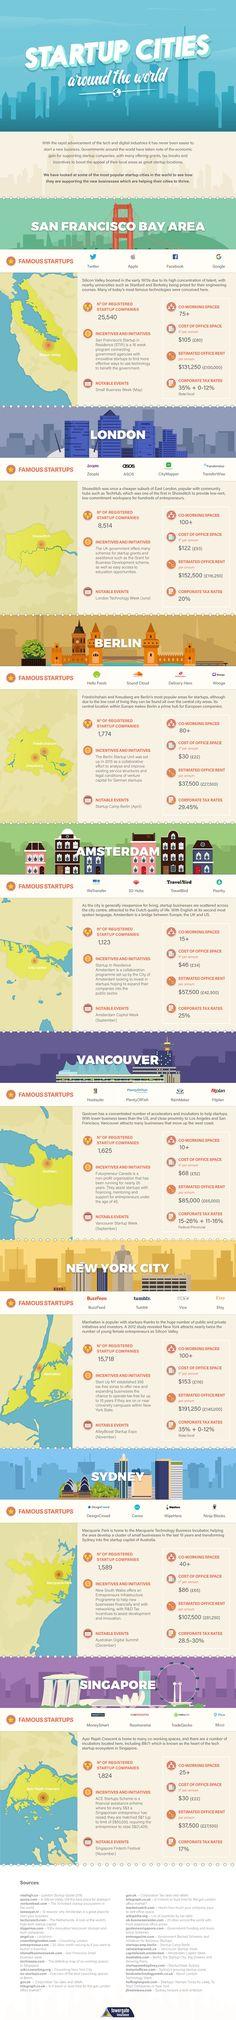 Las mejores ciudades para emprendedores alrededor del mundo.